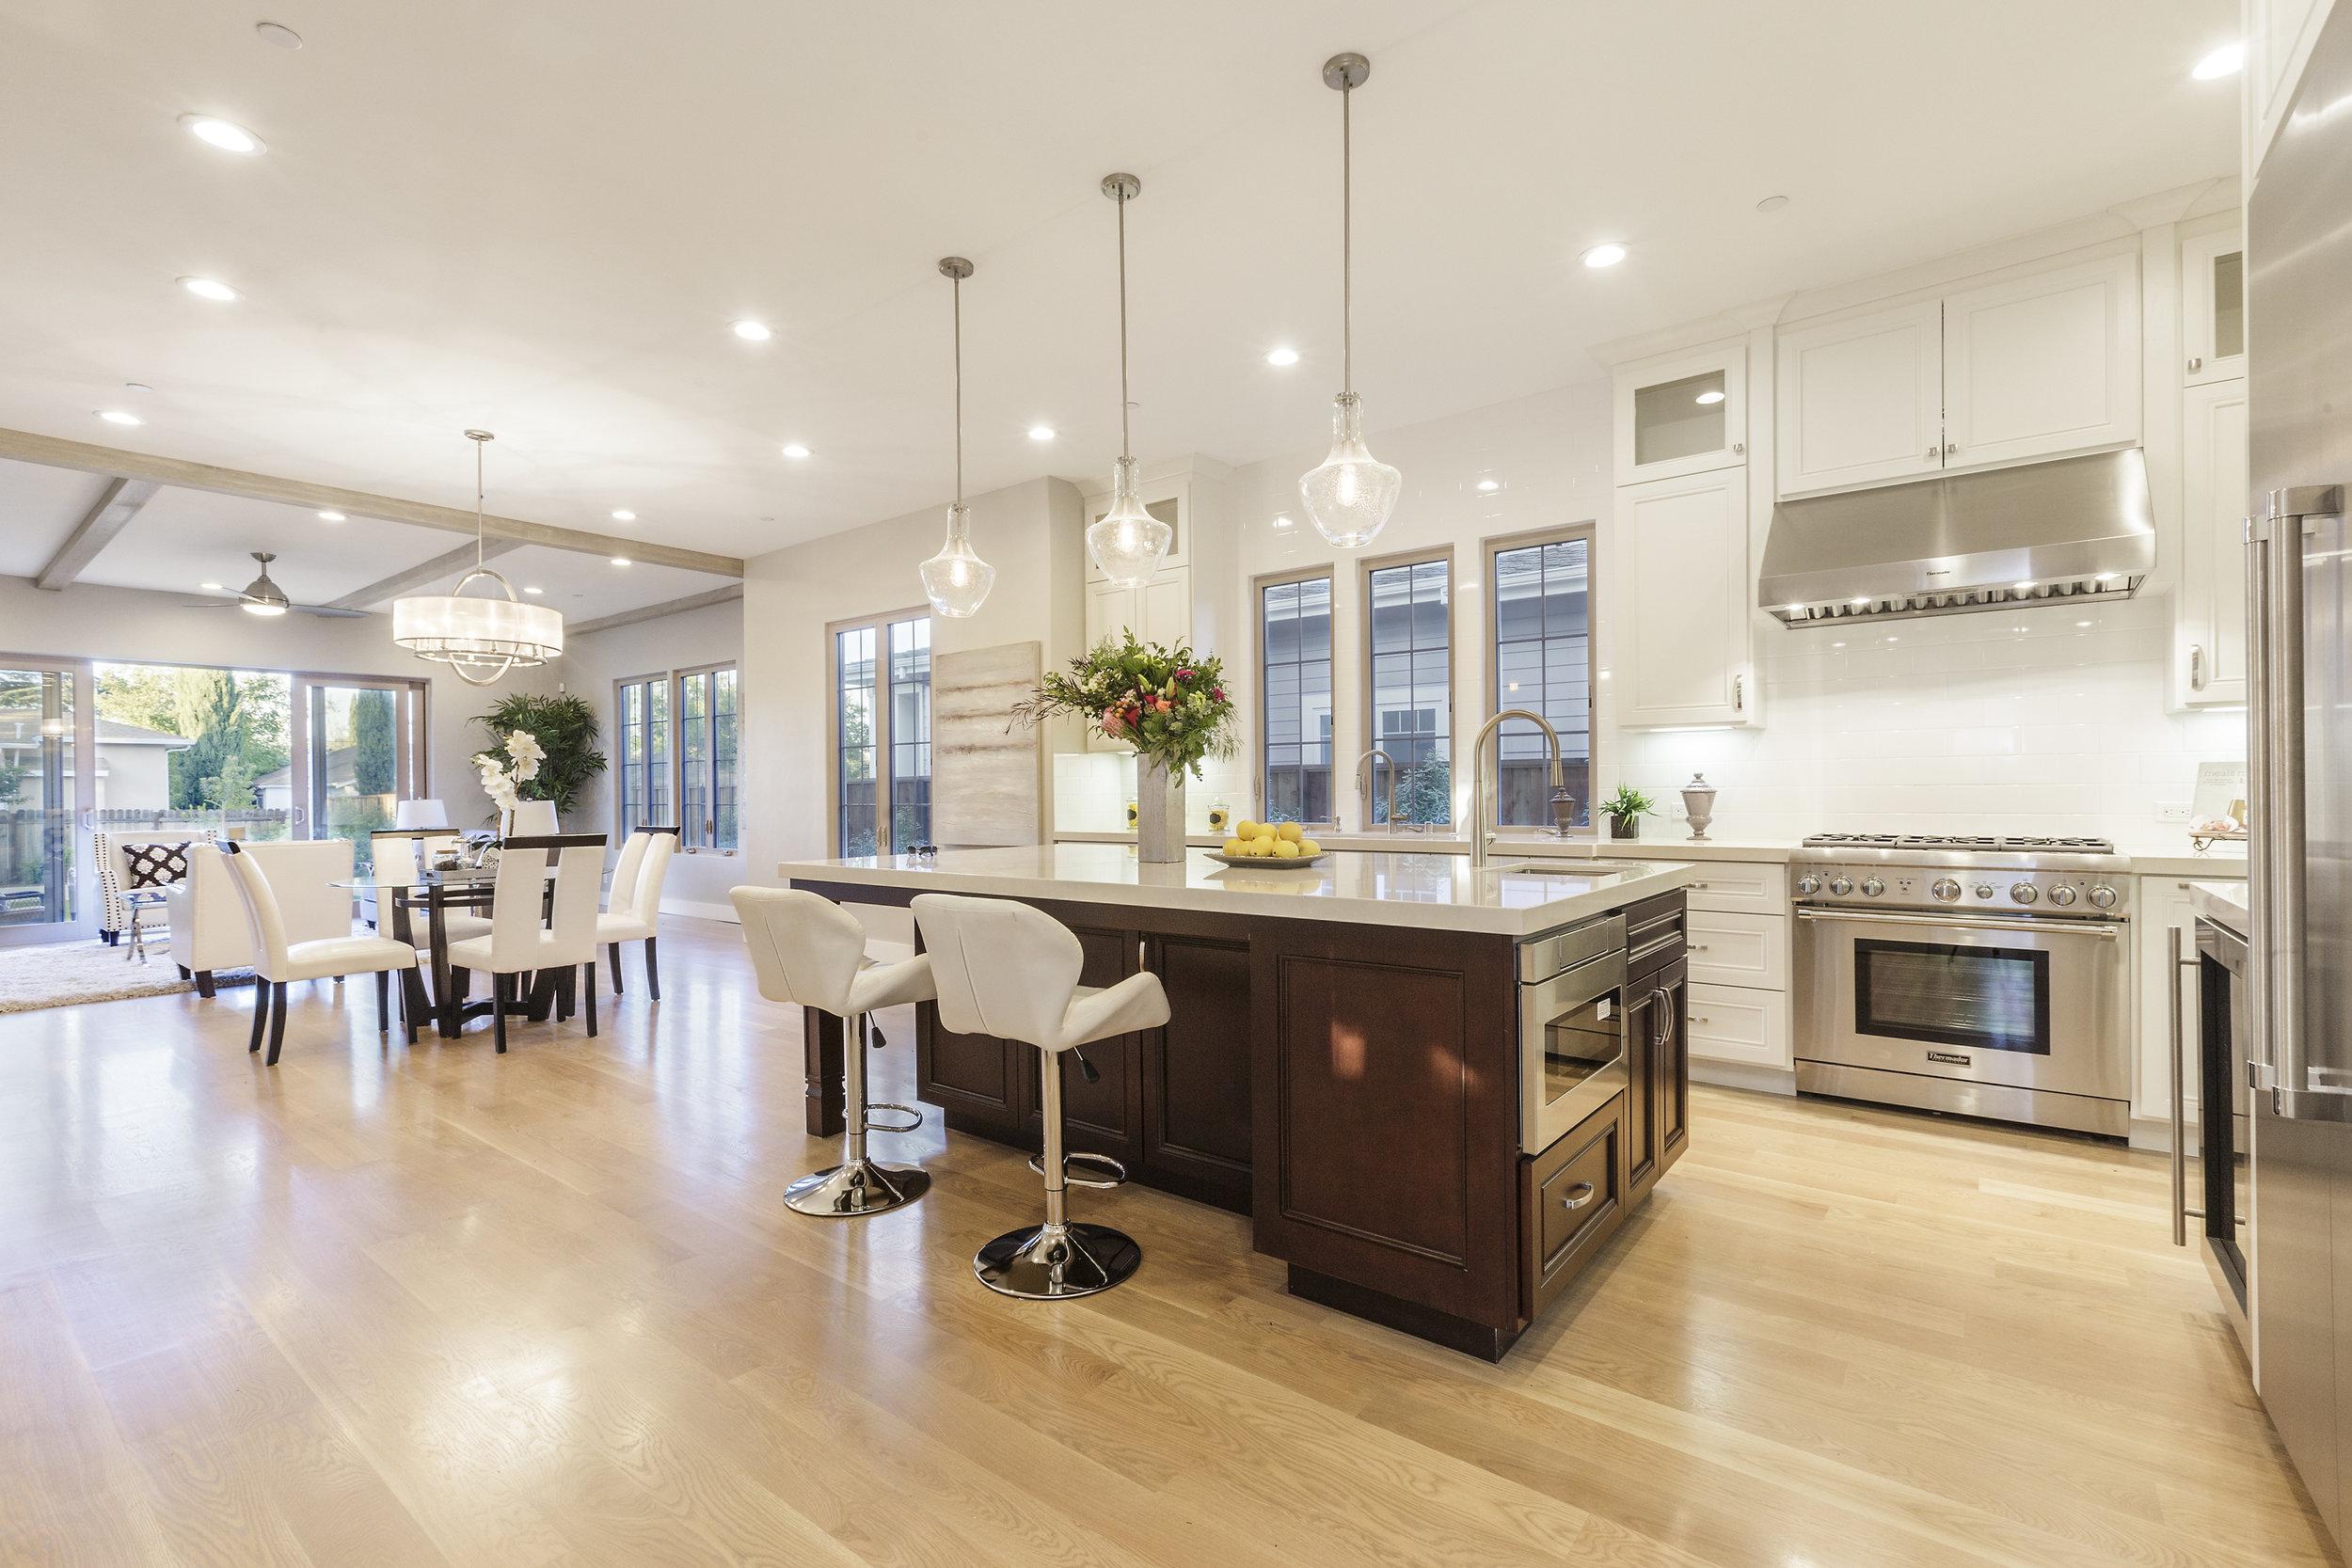 008-21825-Lomita-kitchen-high-res.jpg